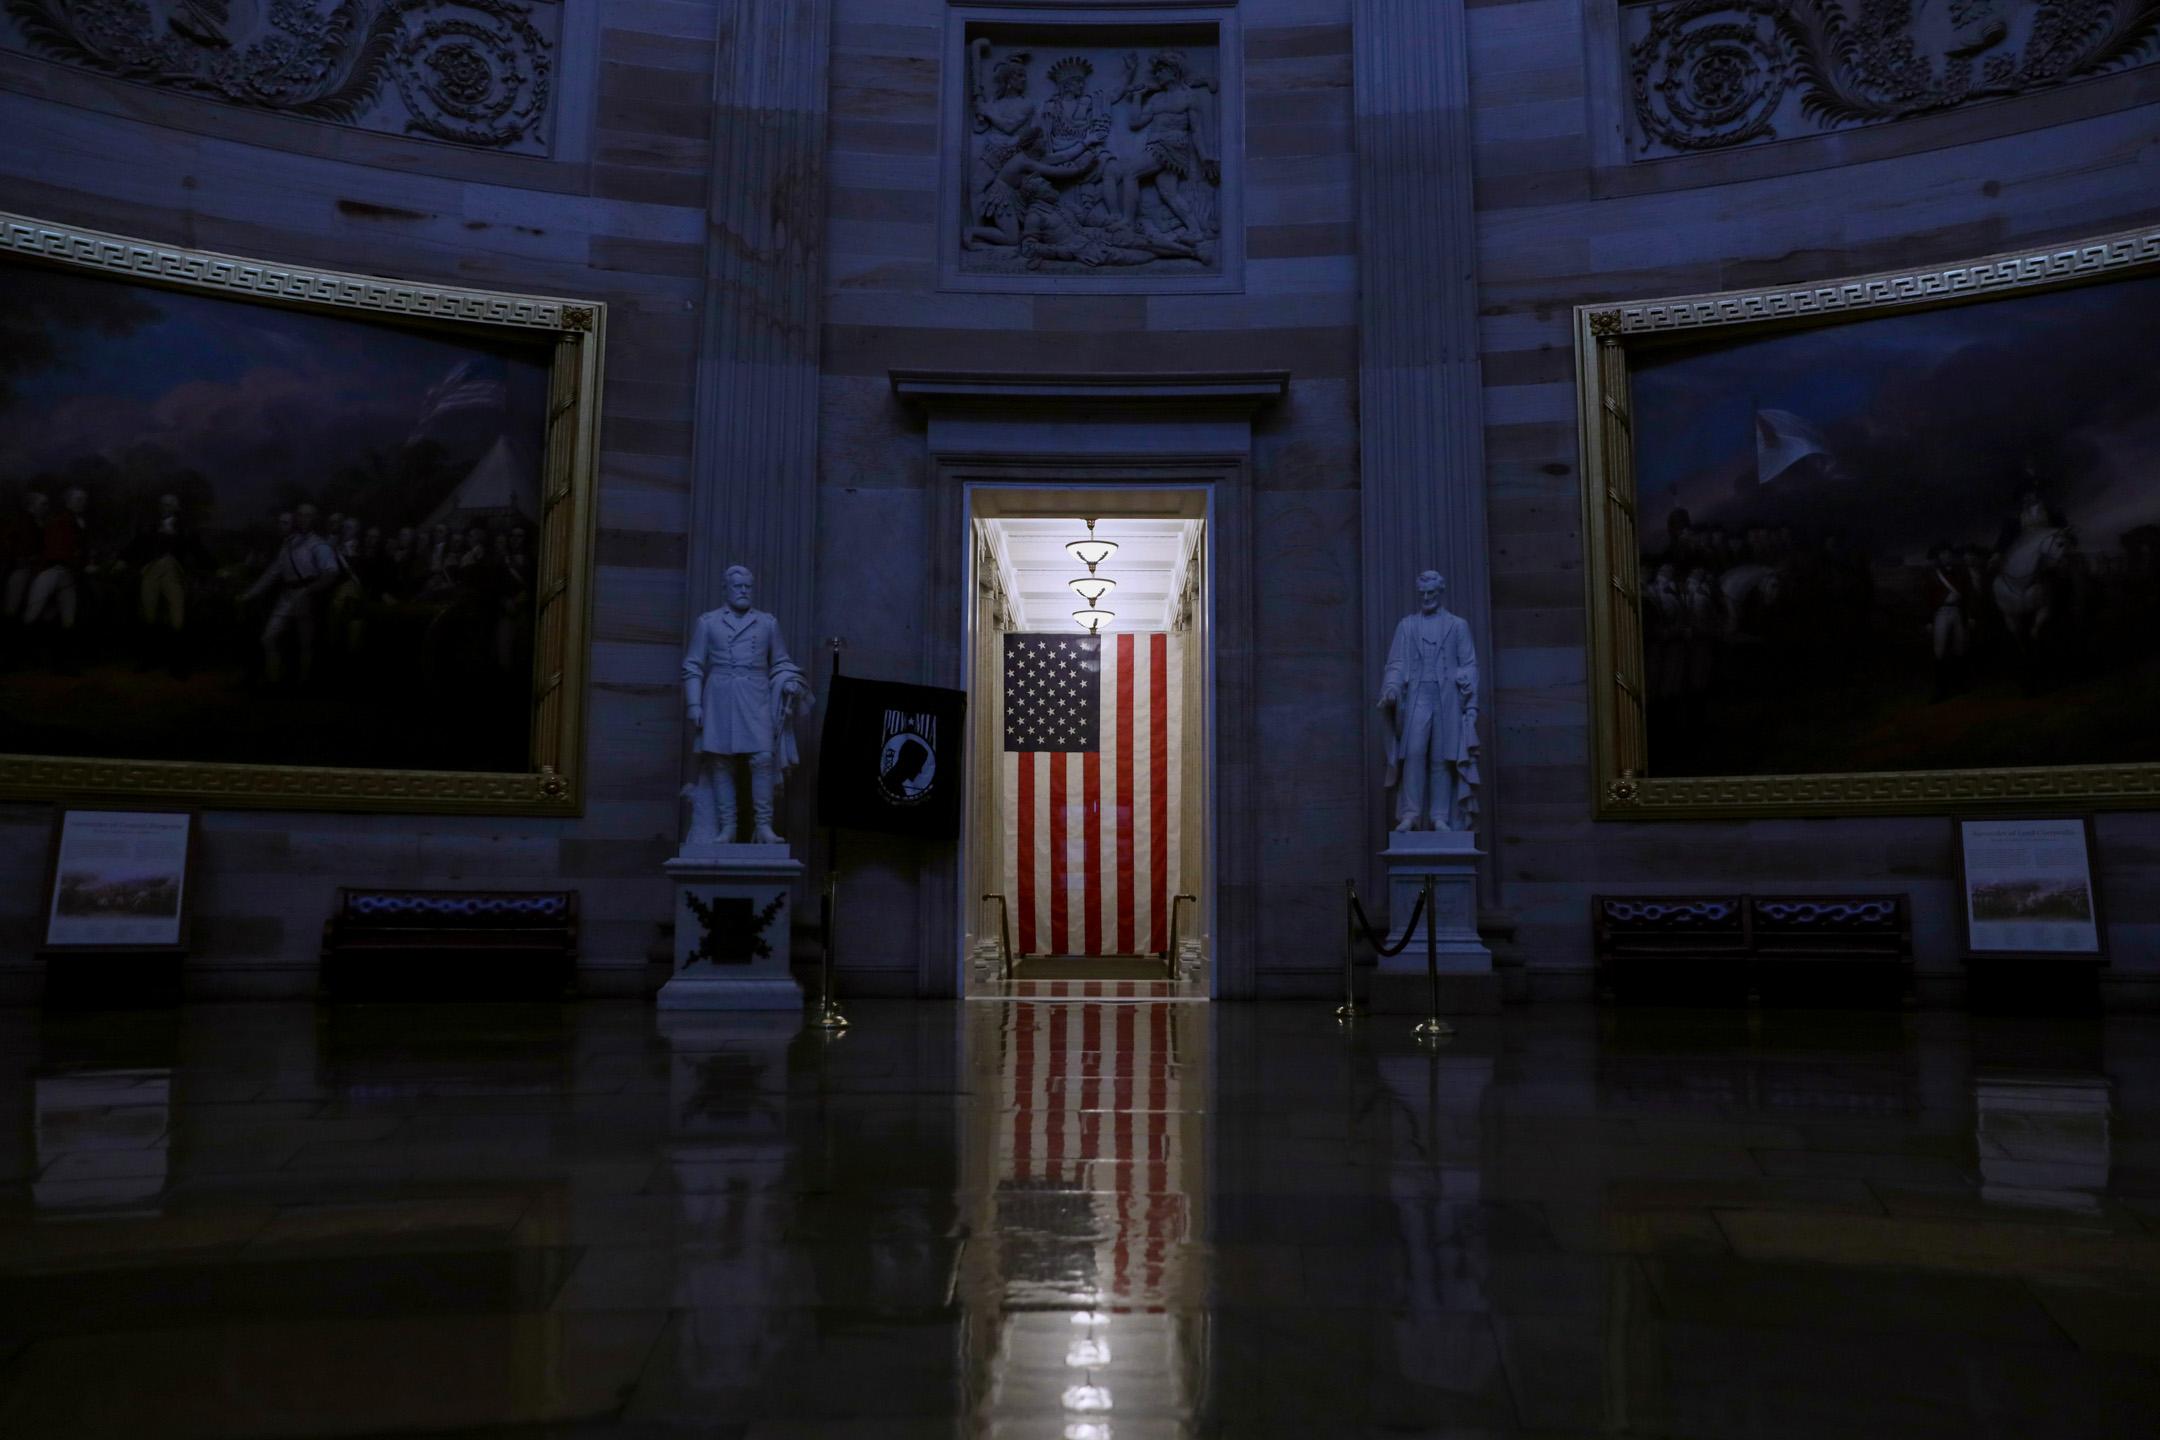 2020年3月12日,因應冠狀病毒疫情,美國華盛頓的國會大廈停止所有導賞活動。 攝:Alex Wong/Getty Images